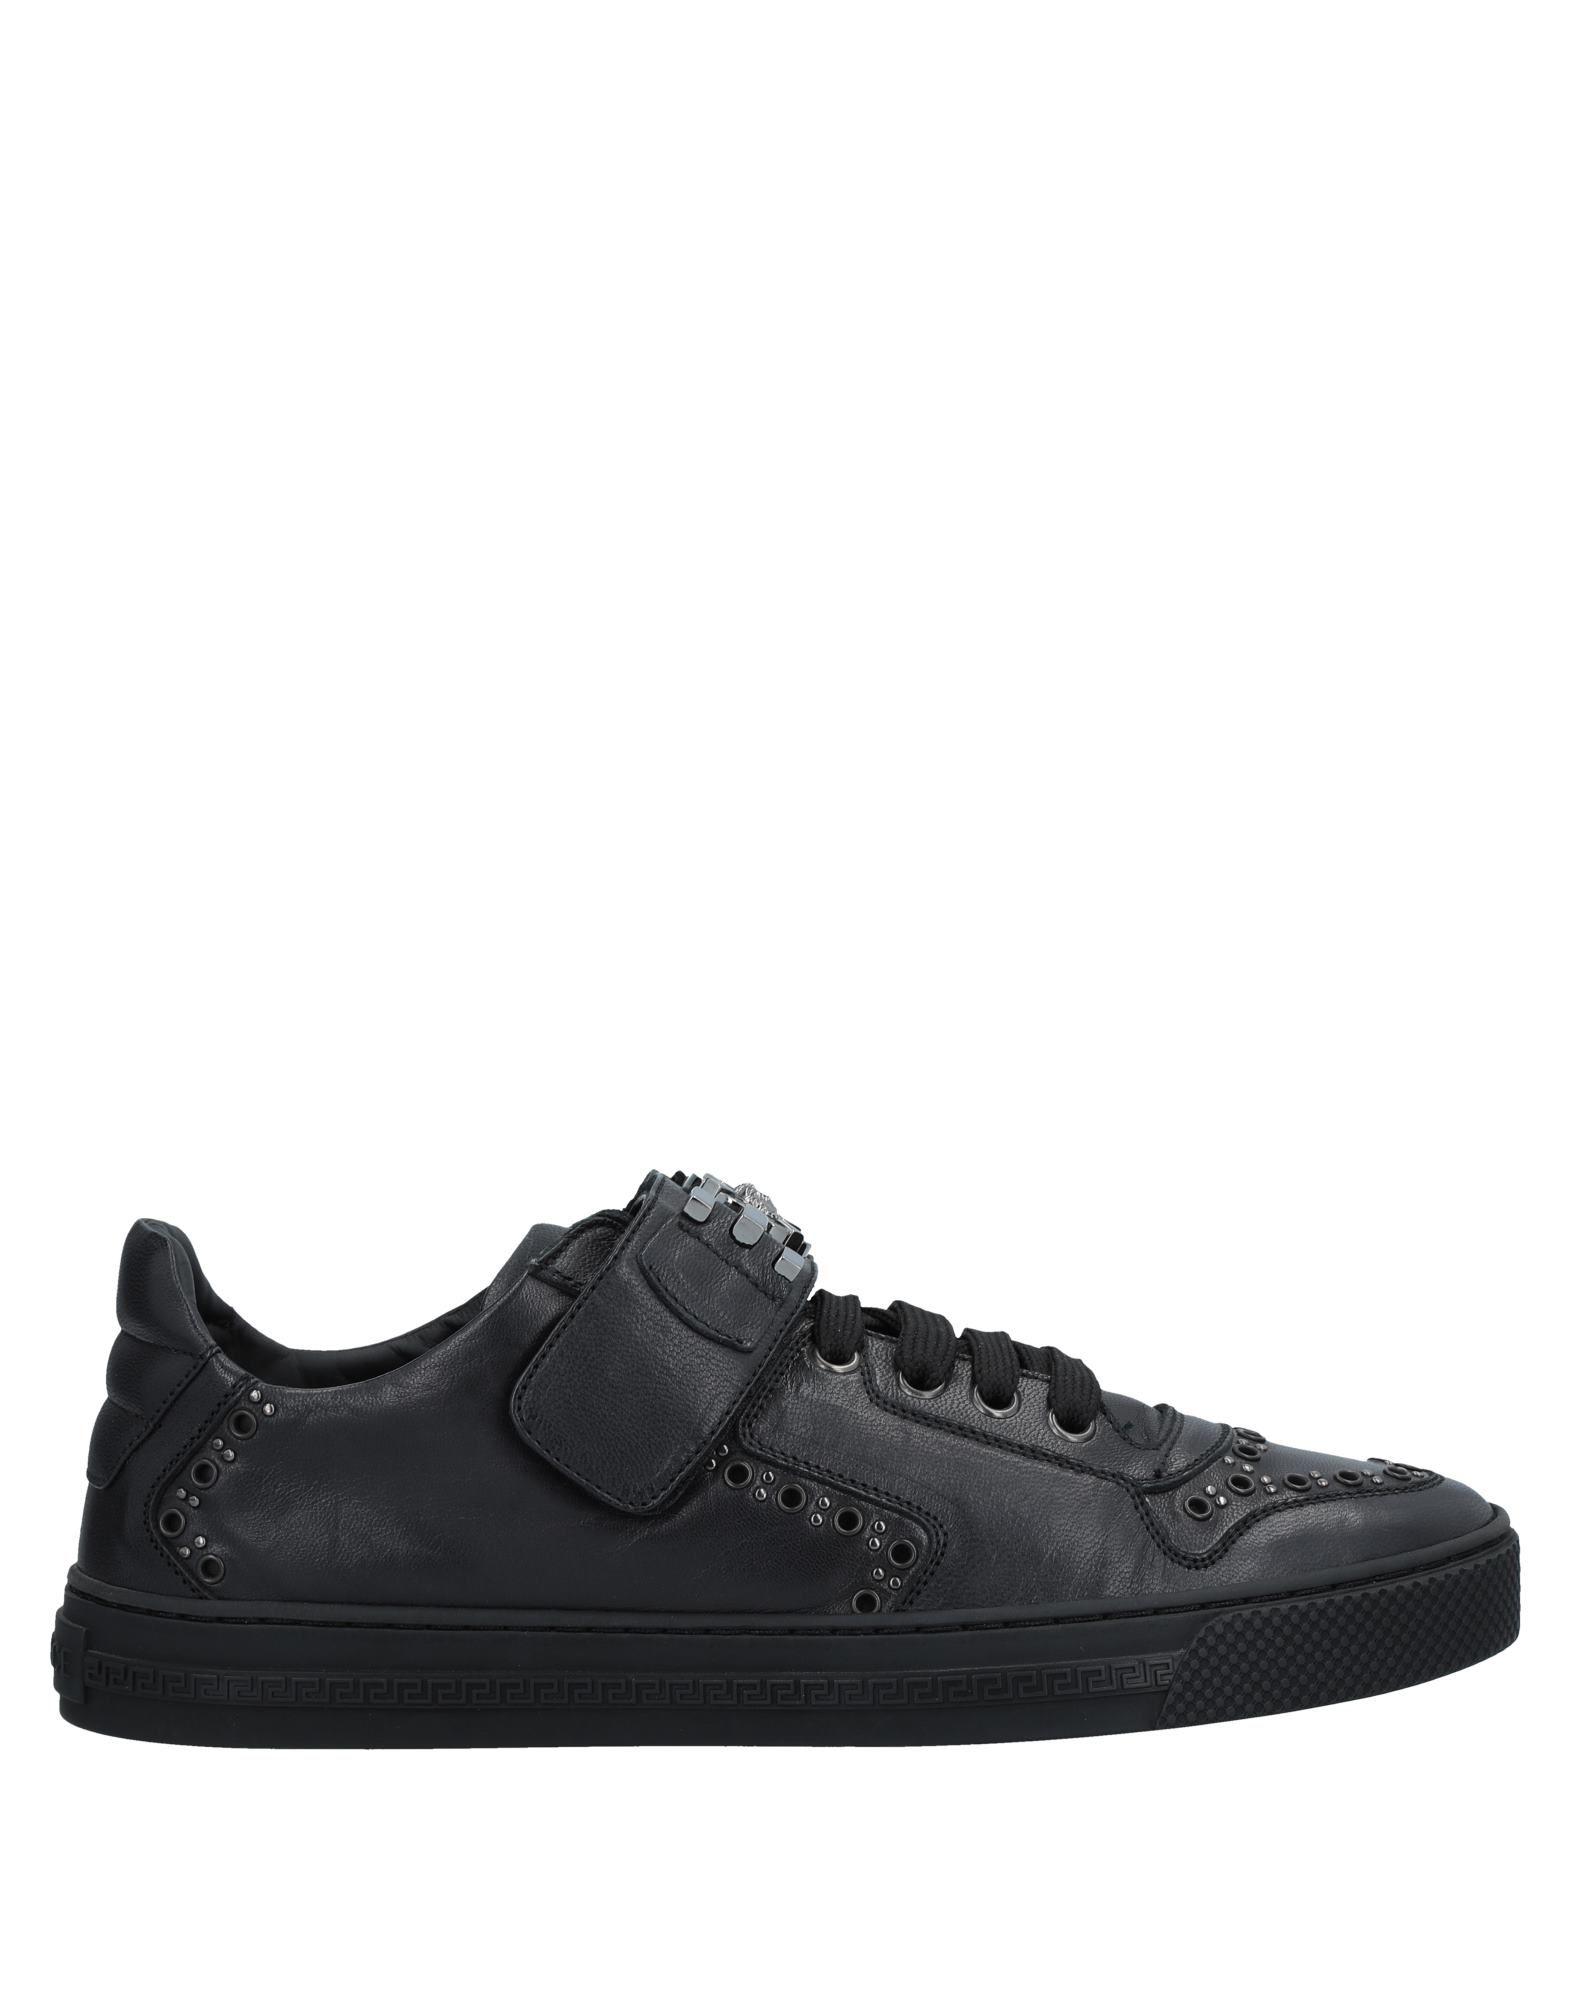 Versace Sneakers Herren  11537074IU Gute Qualität beliebte Schuhe